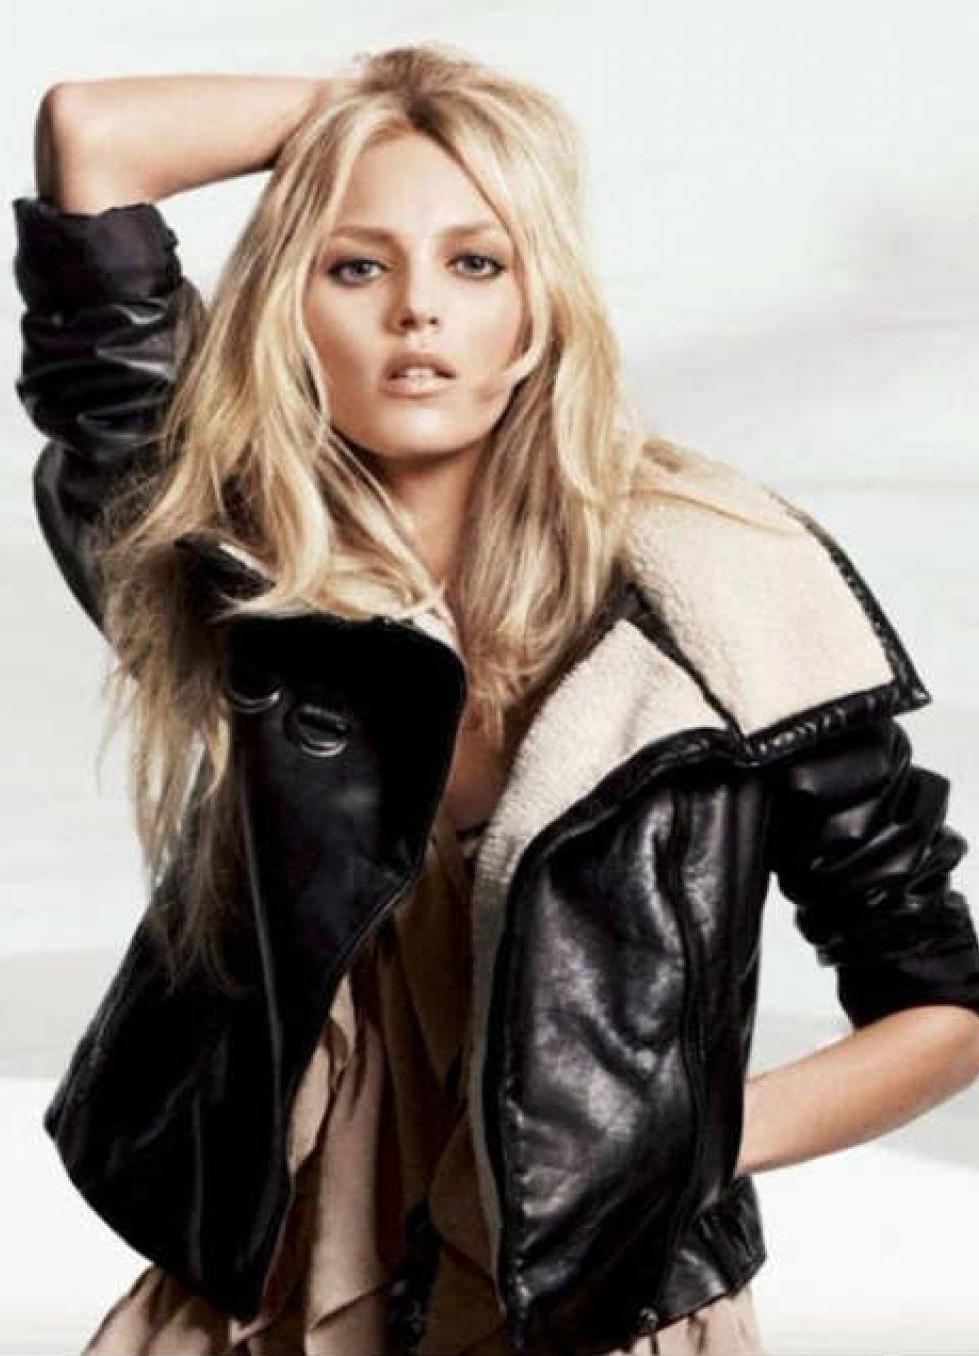 утепленные женские кожаные куртки1 · утепленные женские кожаные куртки2 ... e6a089f1cec07